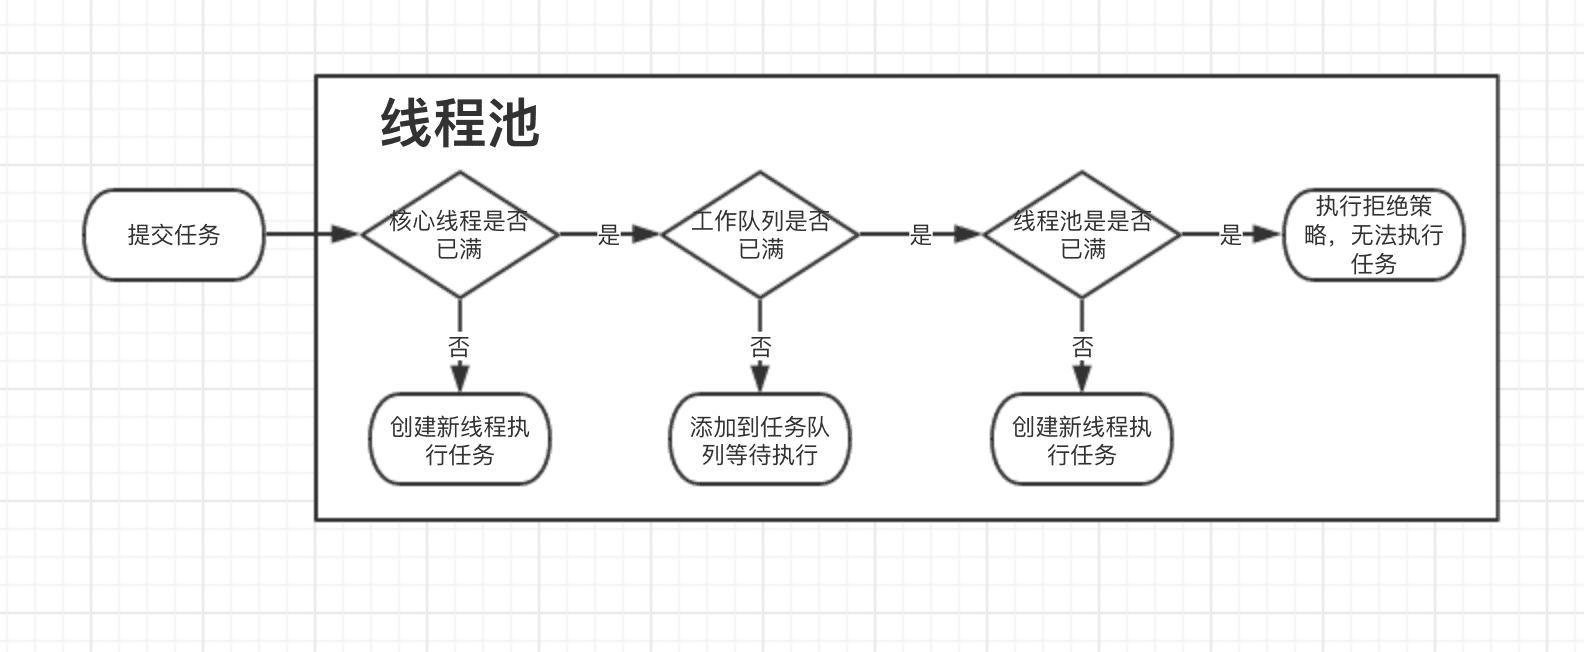 线程池处理流程